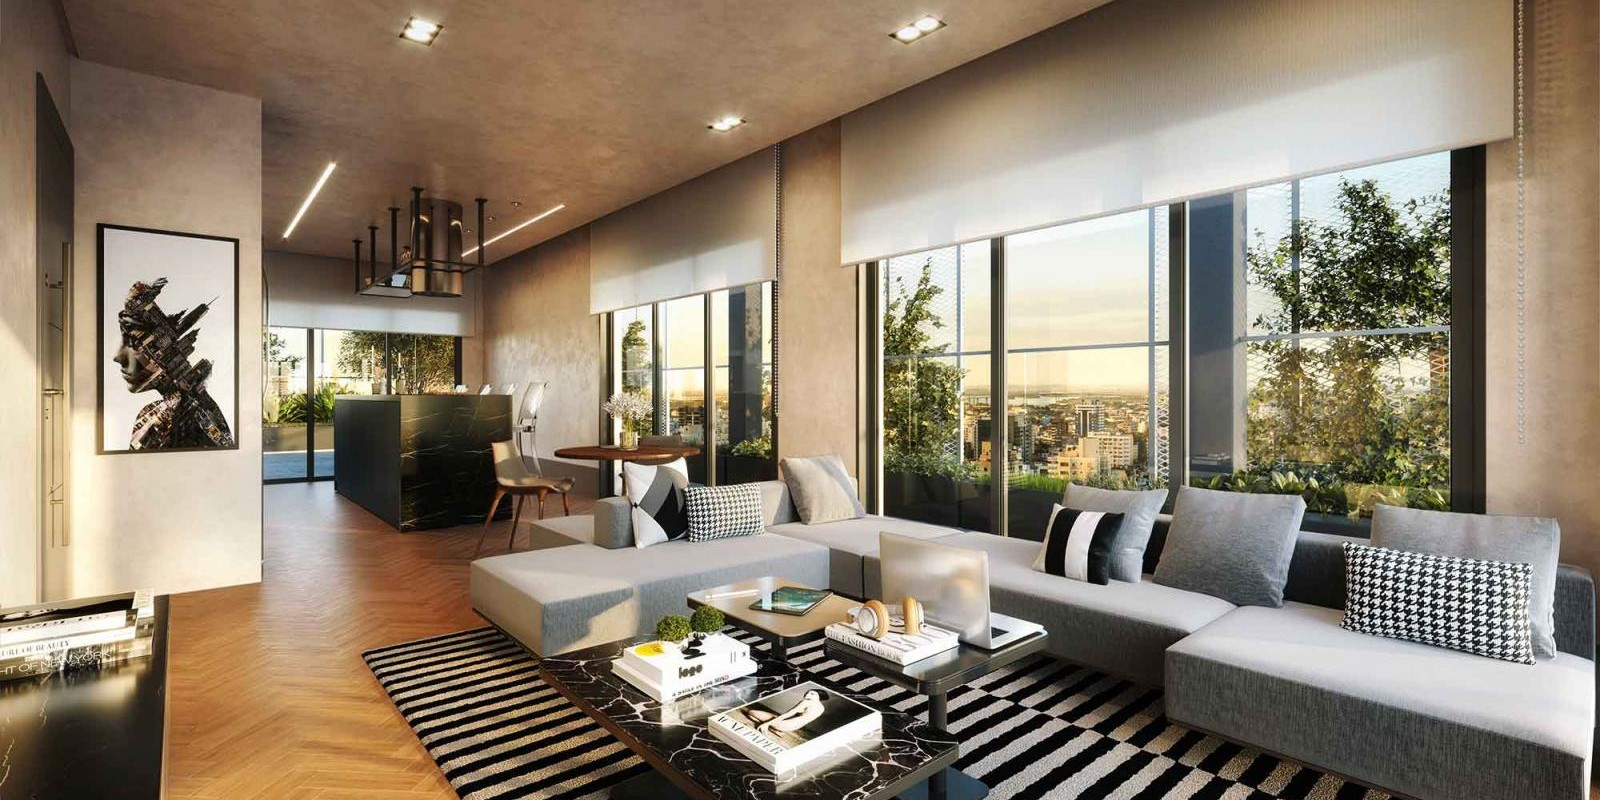 TPS Imóveis - Veja Foto 1 de 14 do Apartamento a Venda 1 e 2 Dormitórios em Porto Alegre